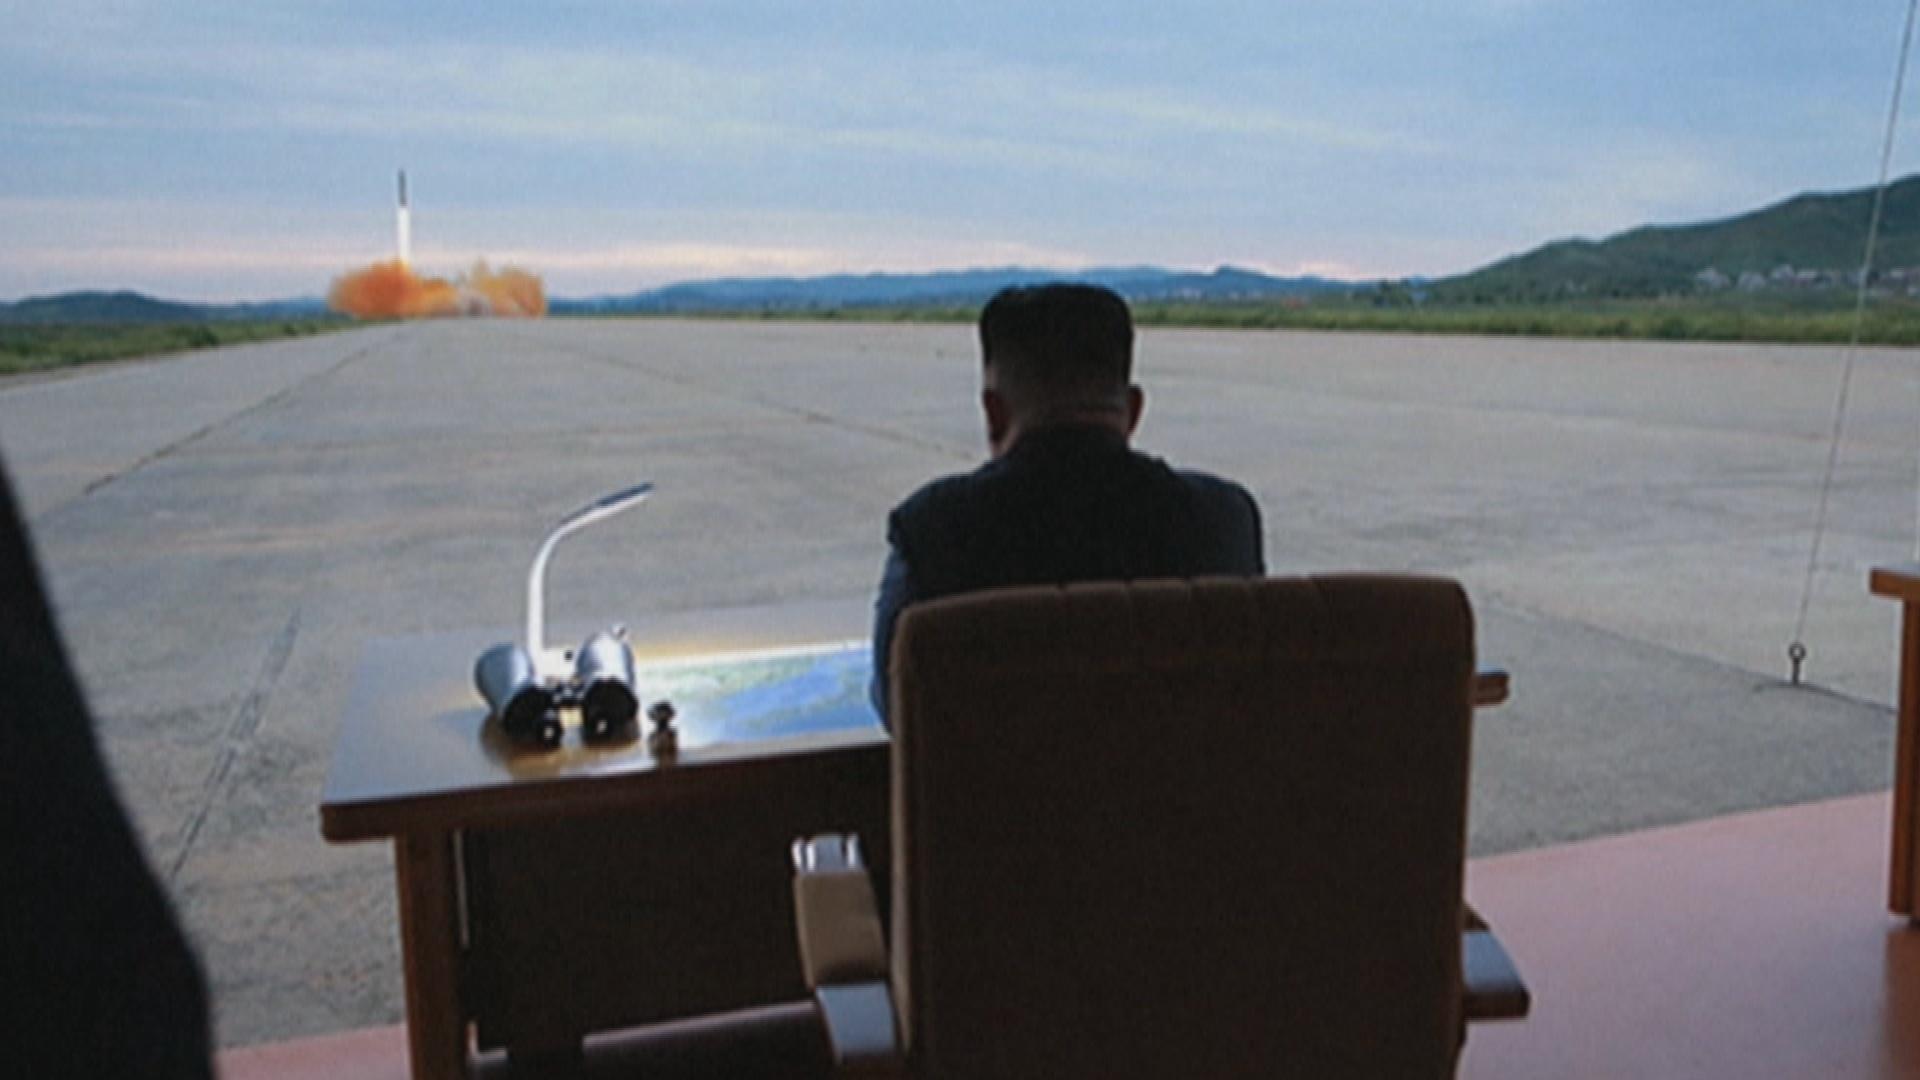 S35 Ep15: North Korea